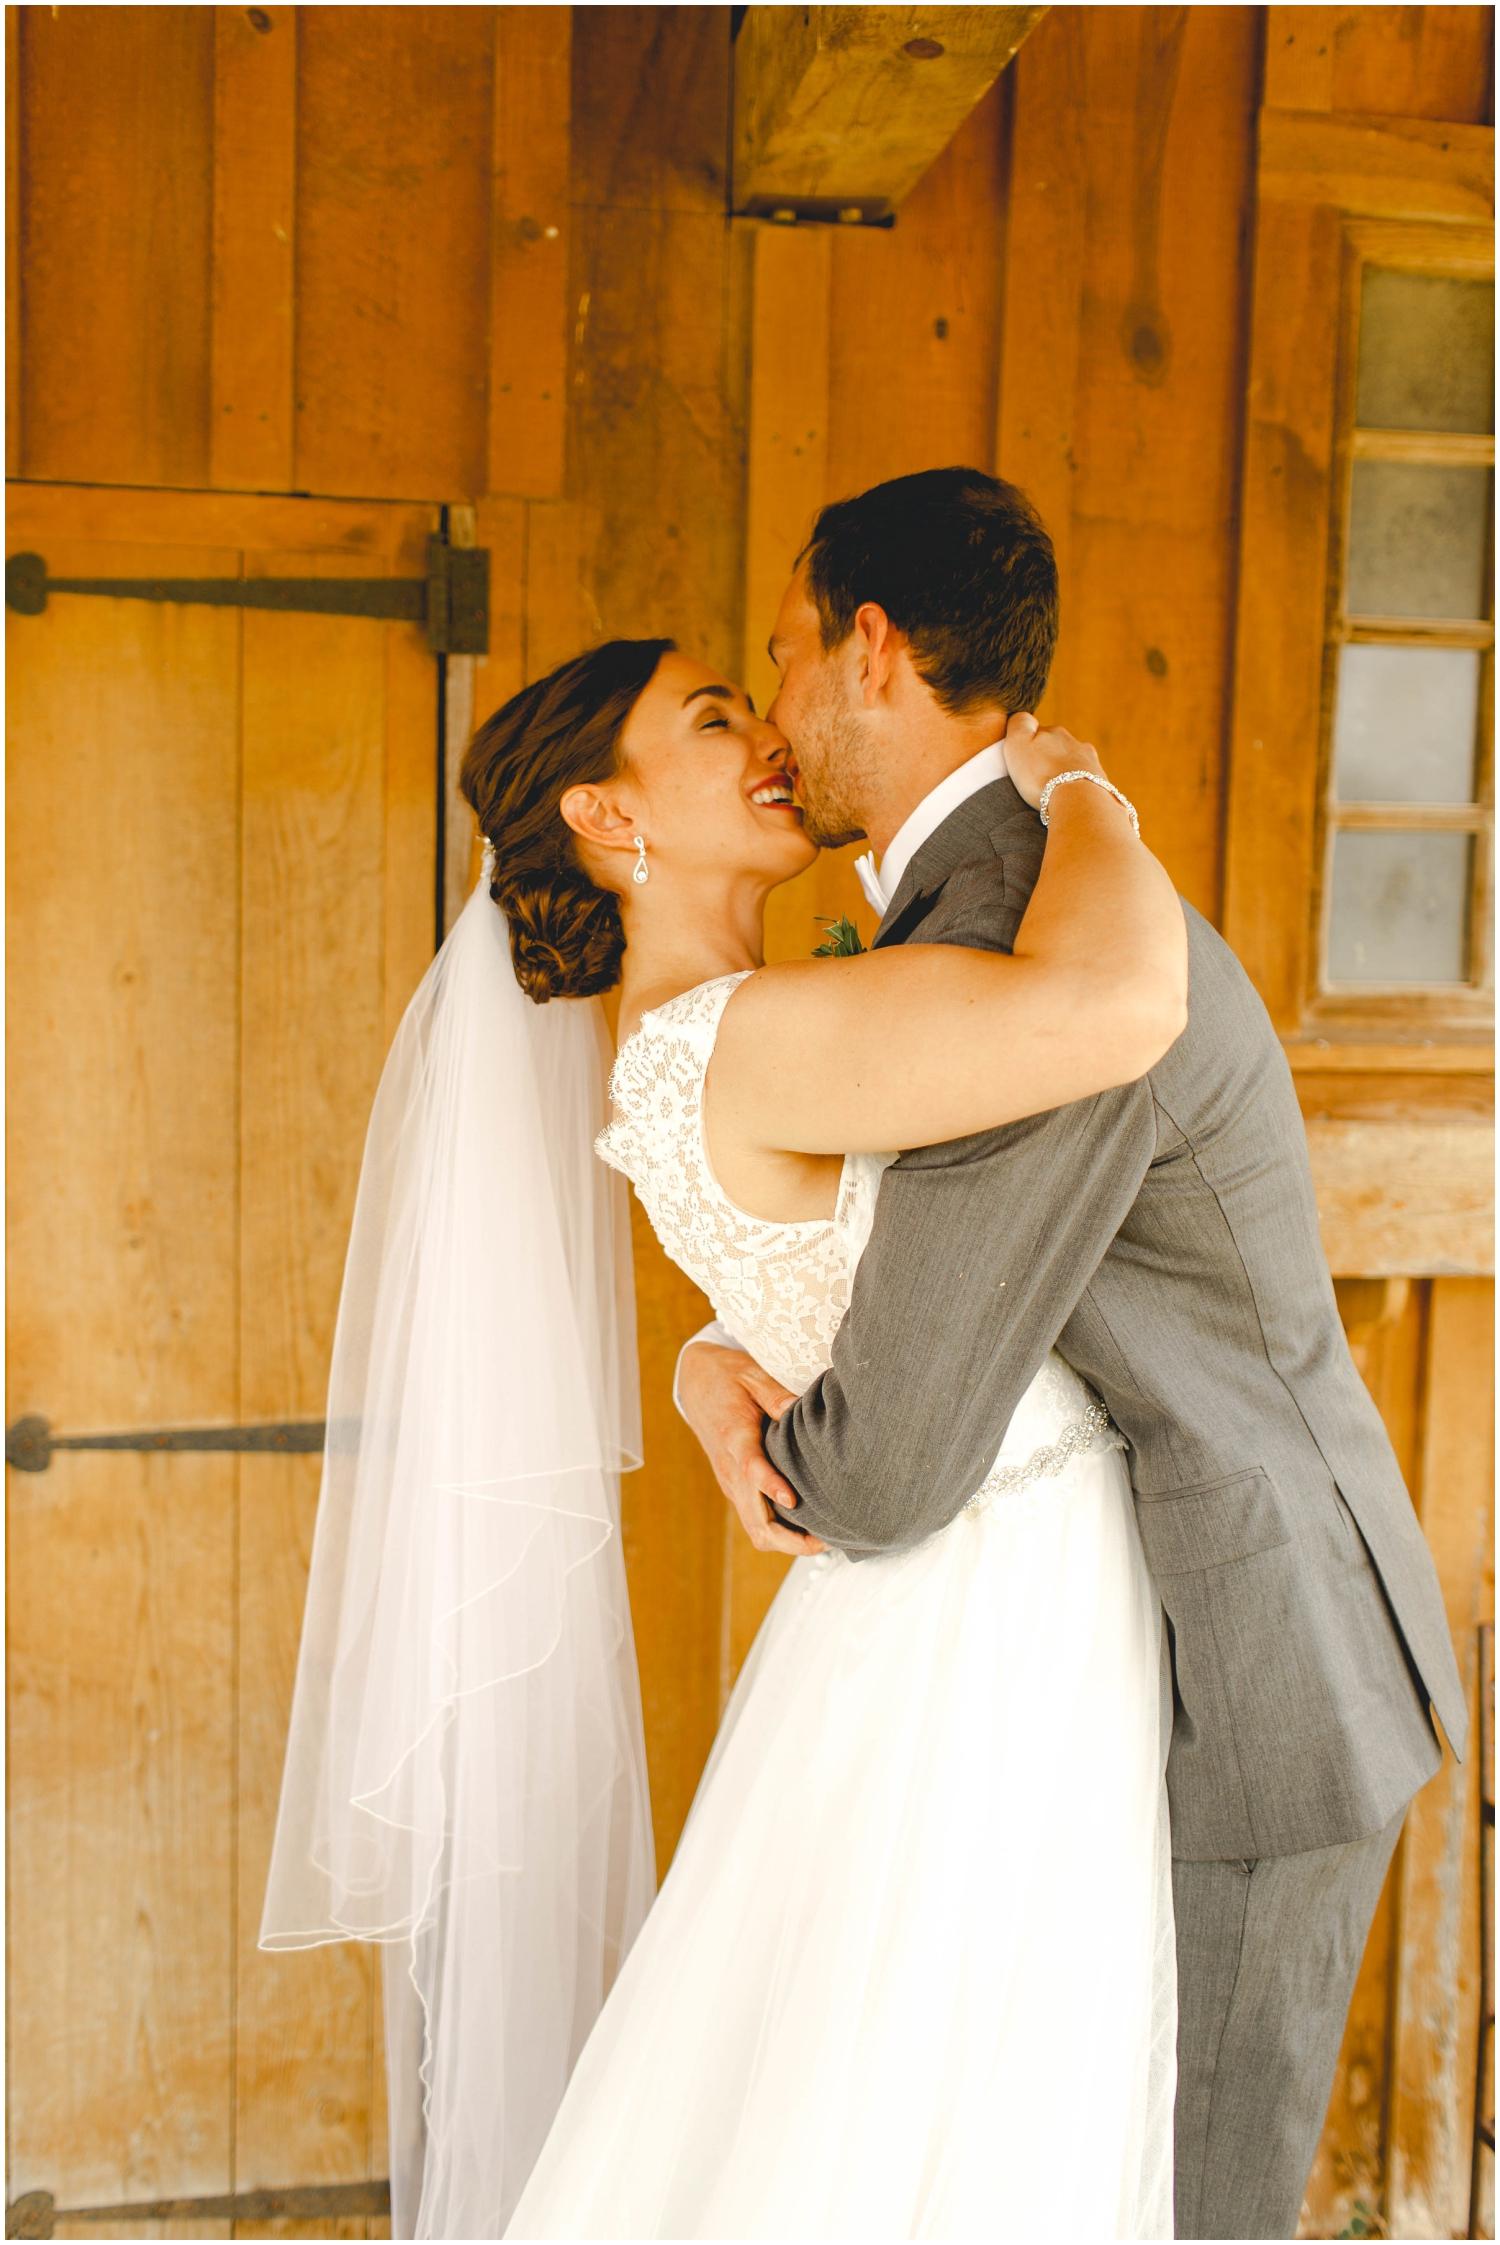 Chaska Minnesota Wedding Venue- The Outpost Center_0773.jpg